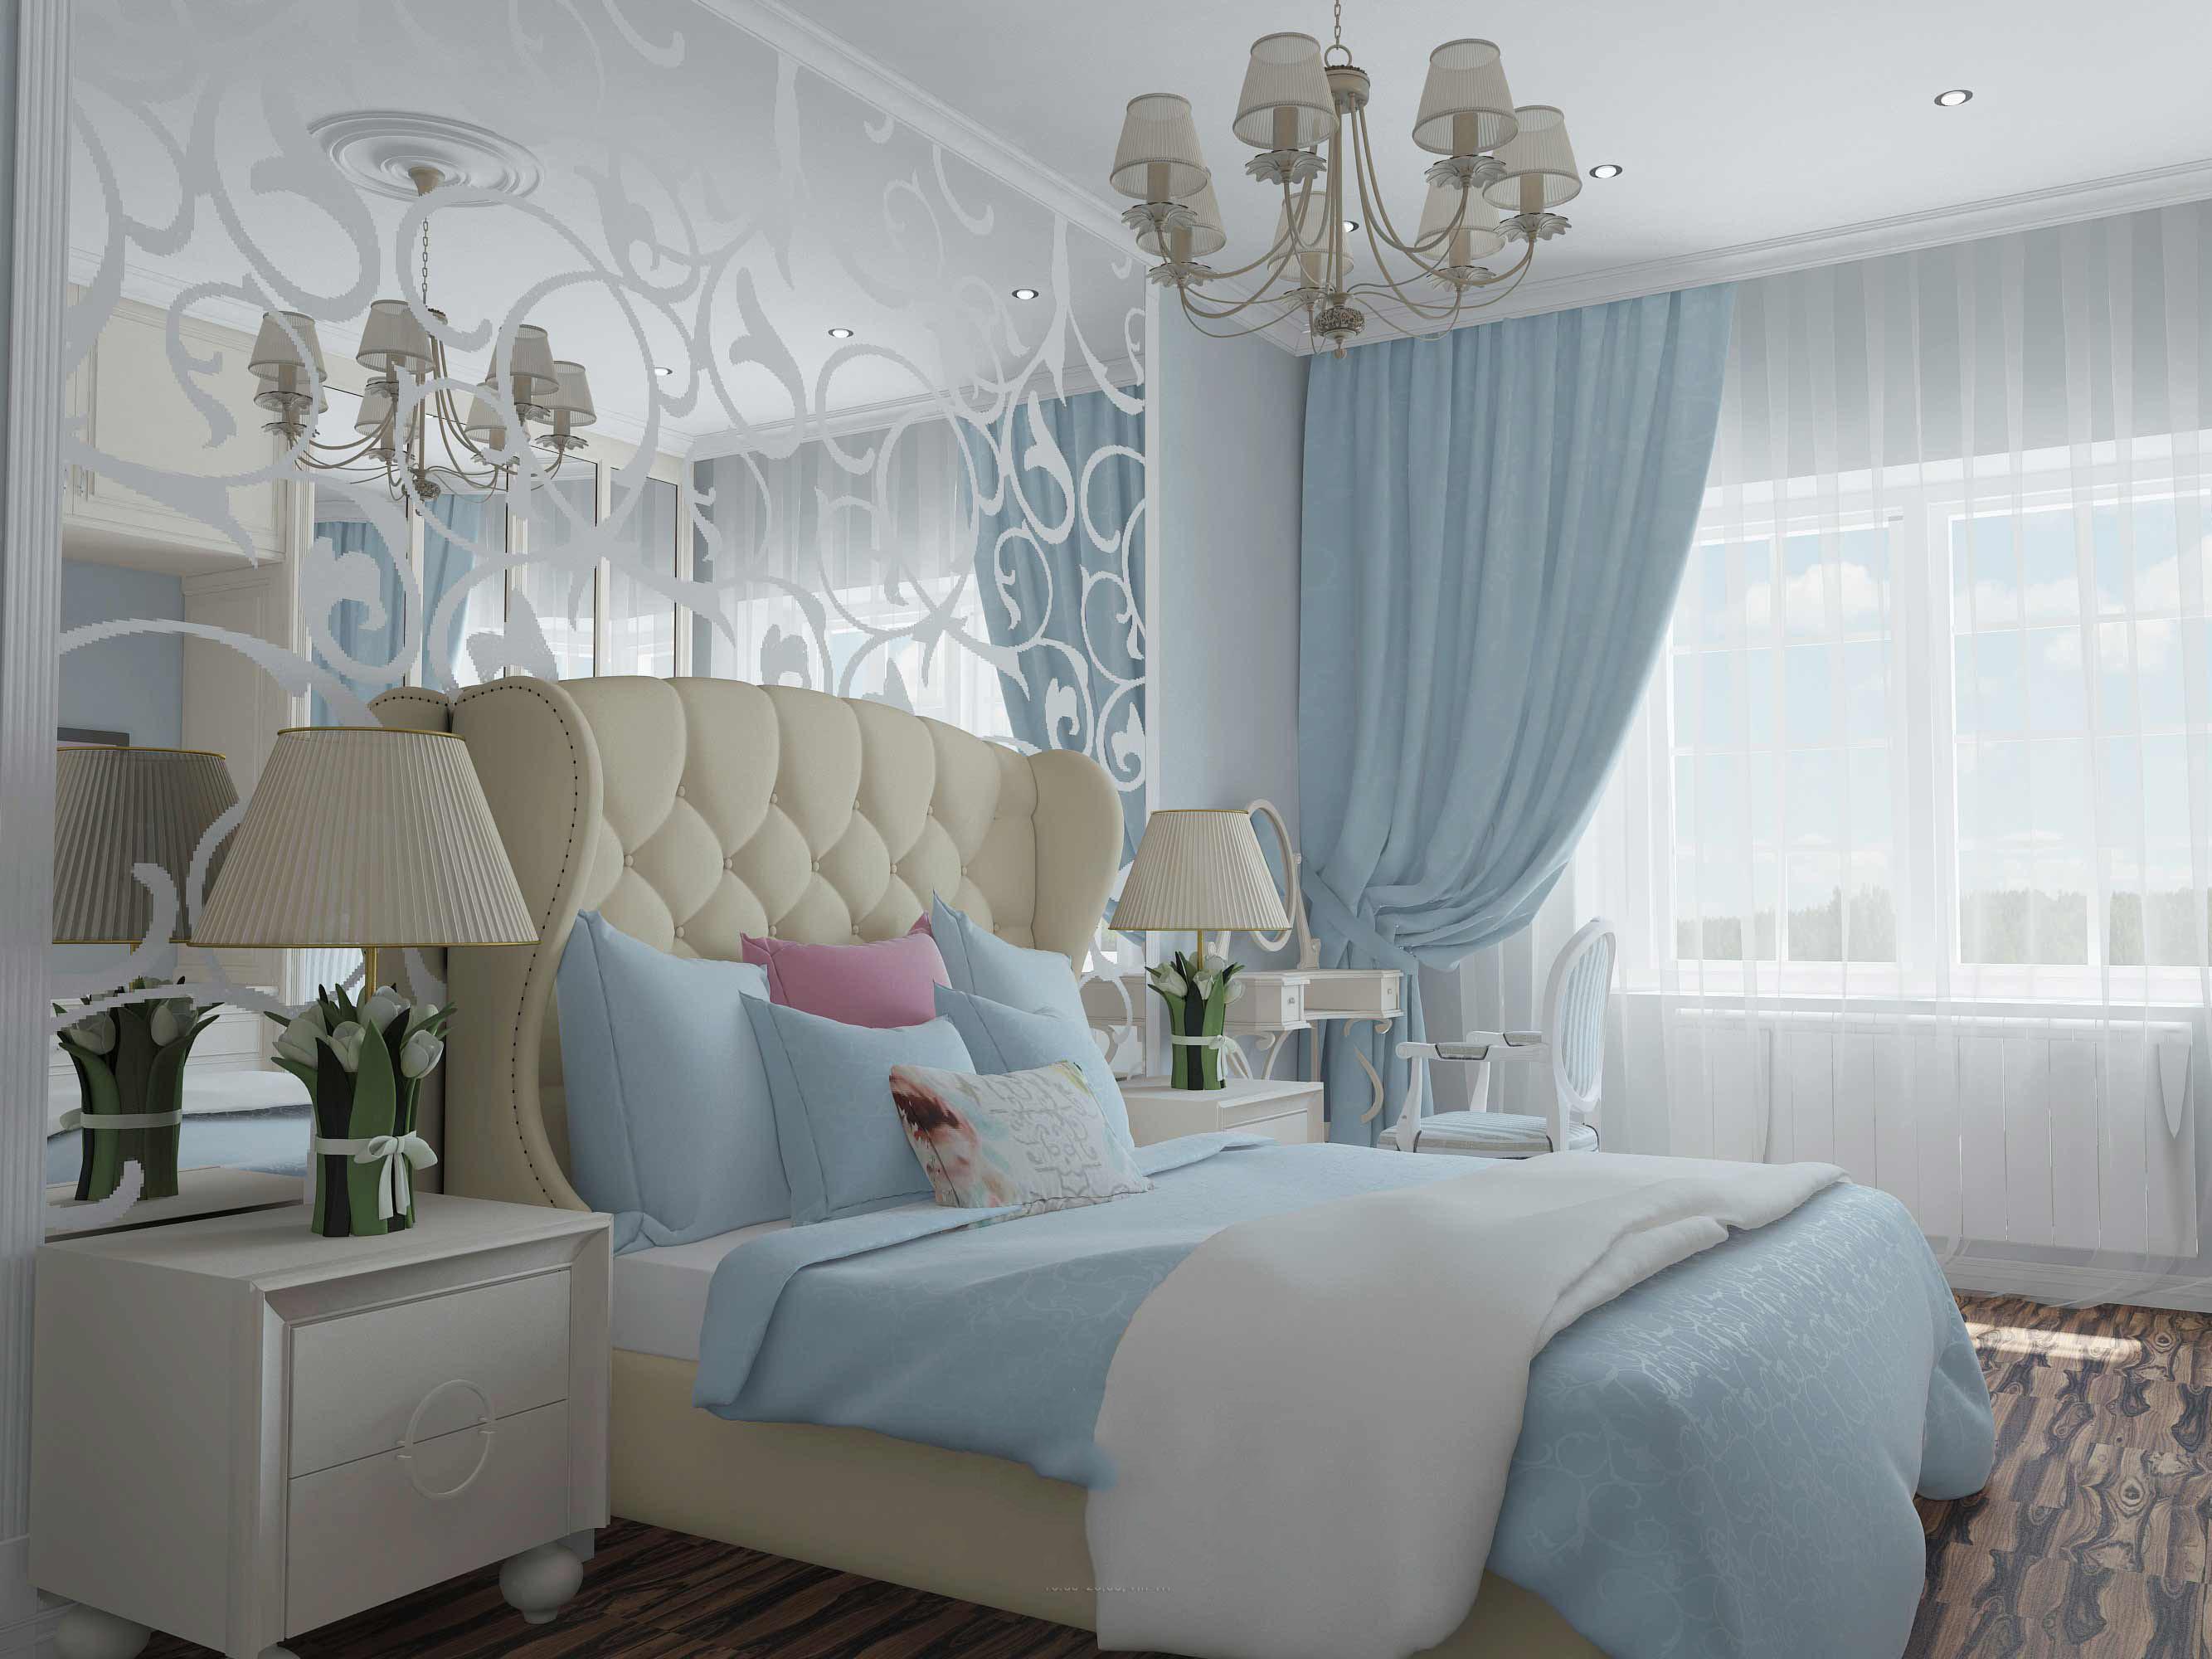 спальня в нежных тонах с кроватью с высоким изголовьем и голубыми занавесками